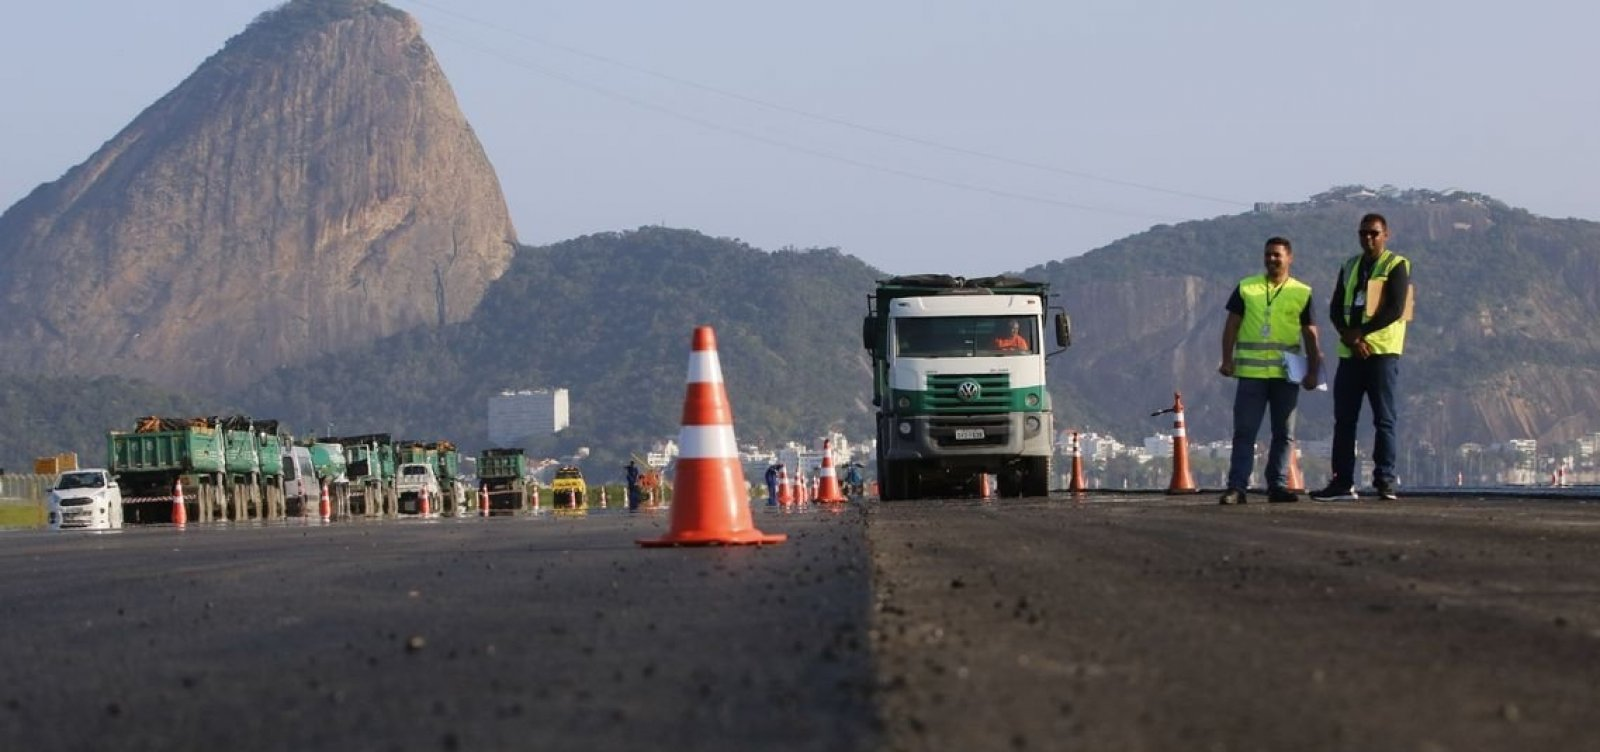 Falta de concorrência piora qualidade do asfalto no país, diz CNT